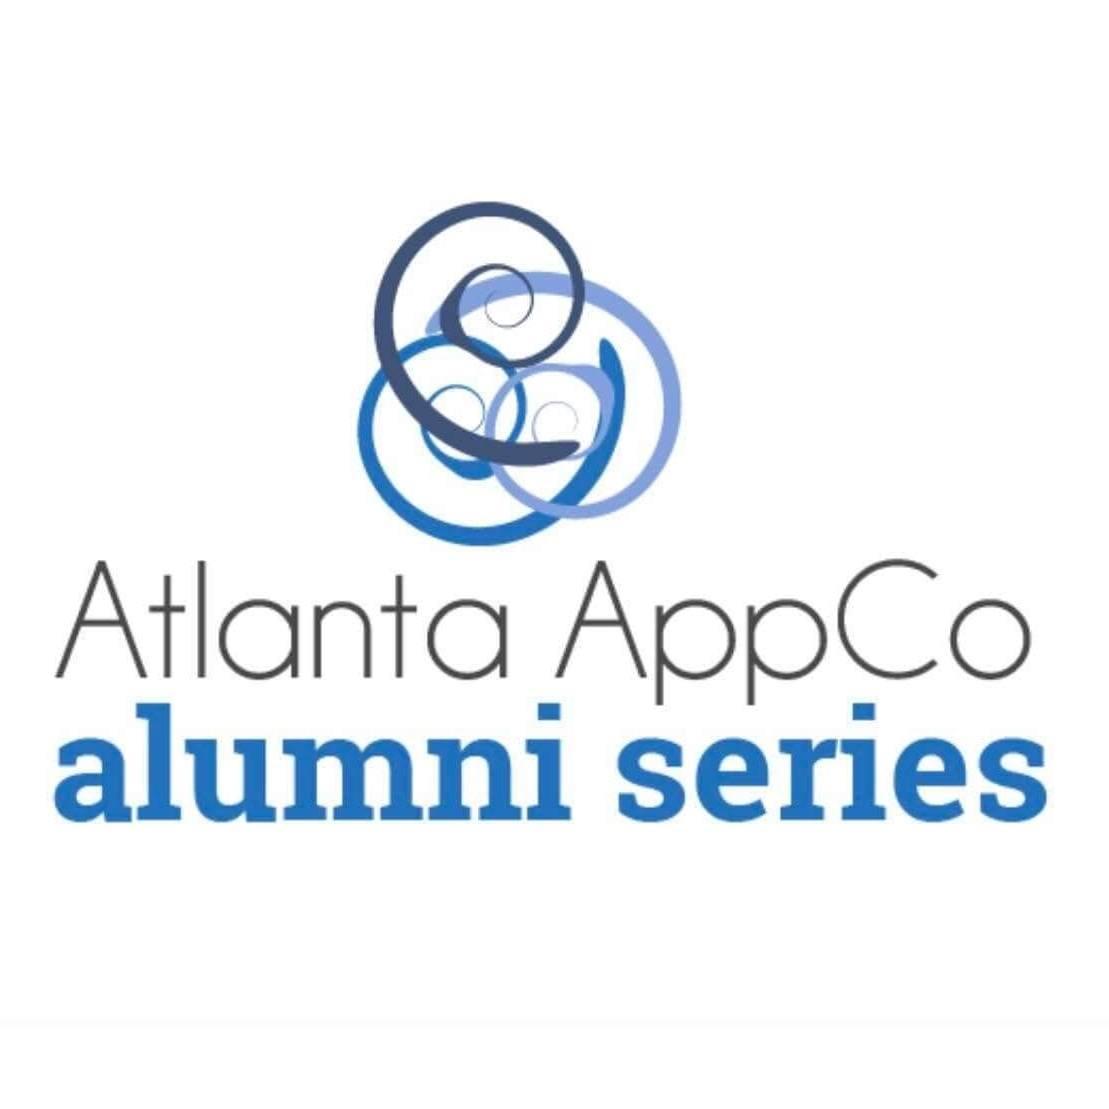 Atlanta Appco Alumni Series